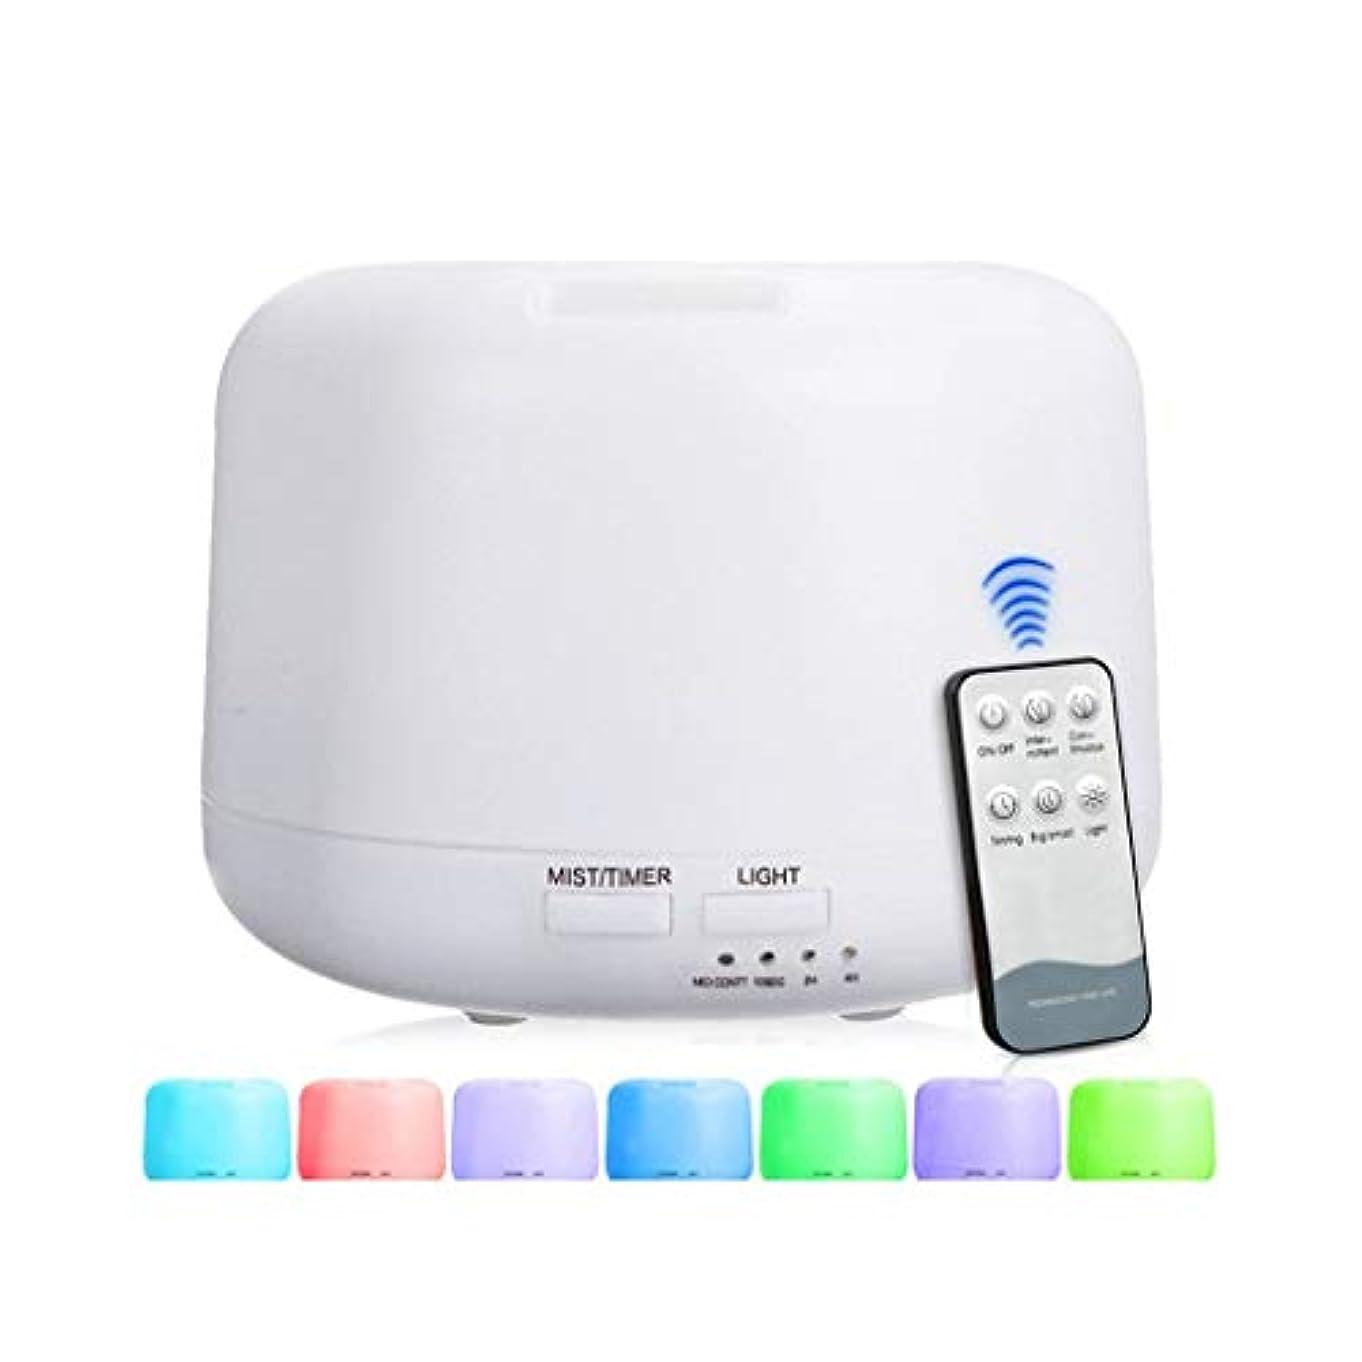 サイバースペースダーベビルのテス鬼ごっこ300 Mlアドバンストディフューザー、超音波蒸発器加湿器、タイマーおよび自動遮断安全スイッチ、7 LEDライトカラー (Color : Warm white)